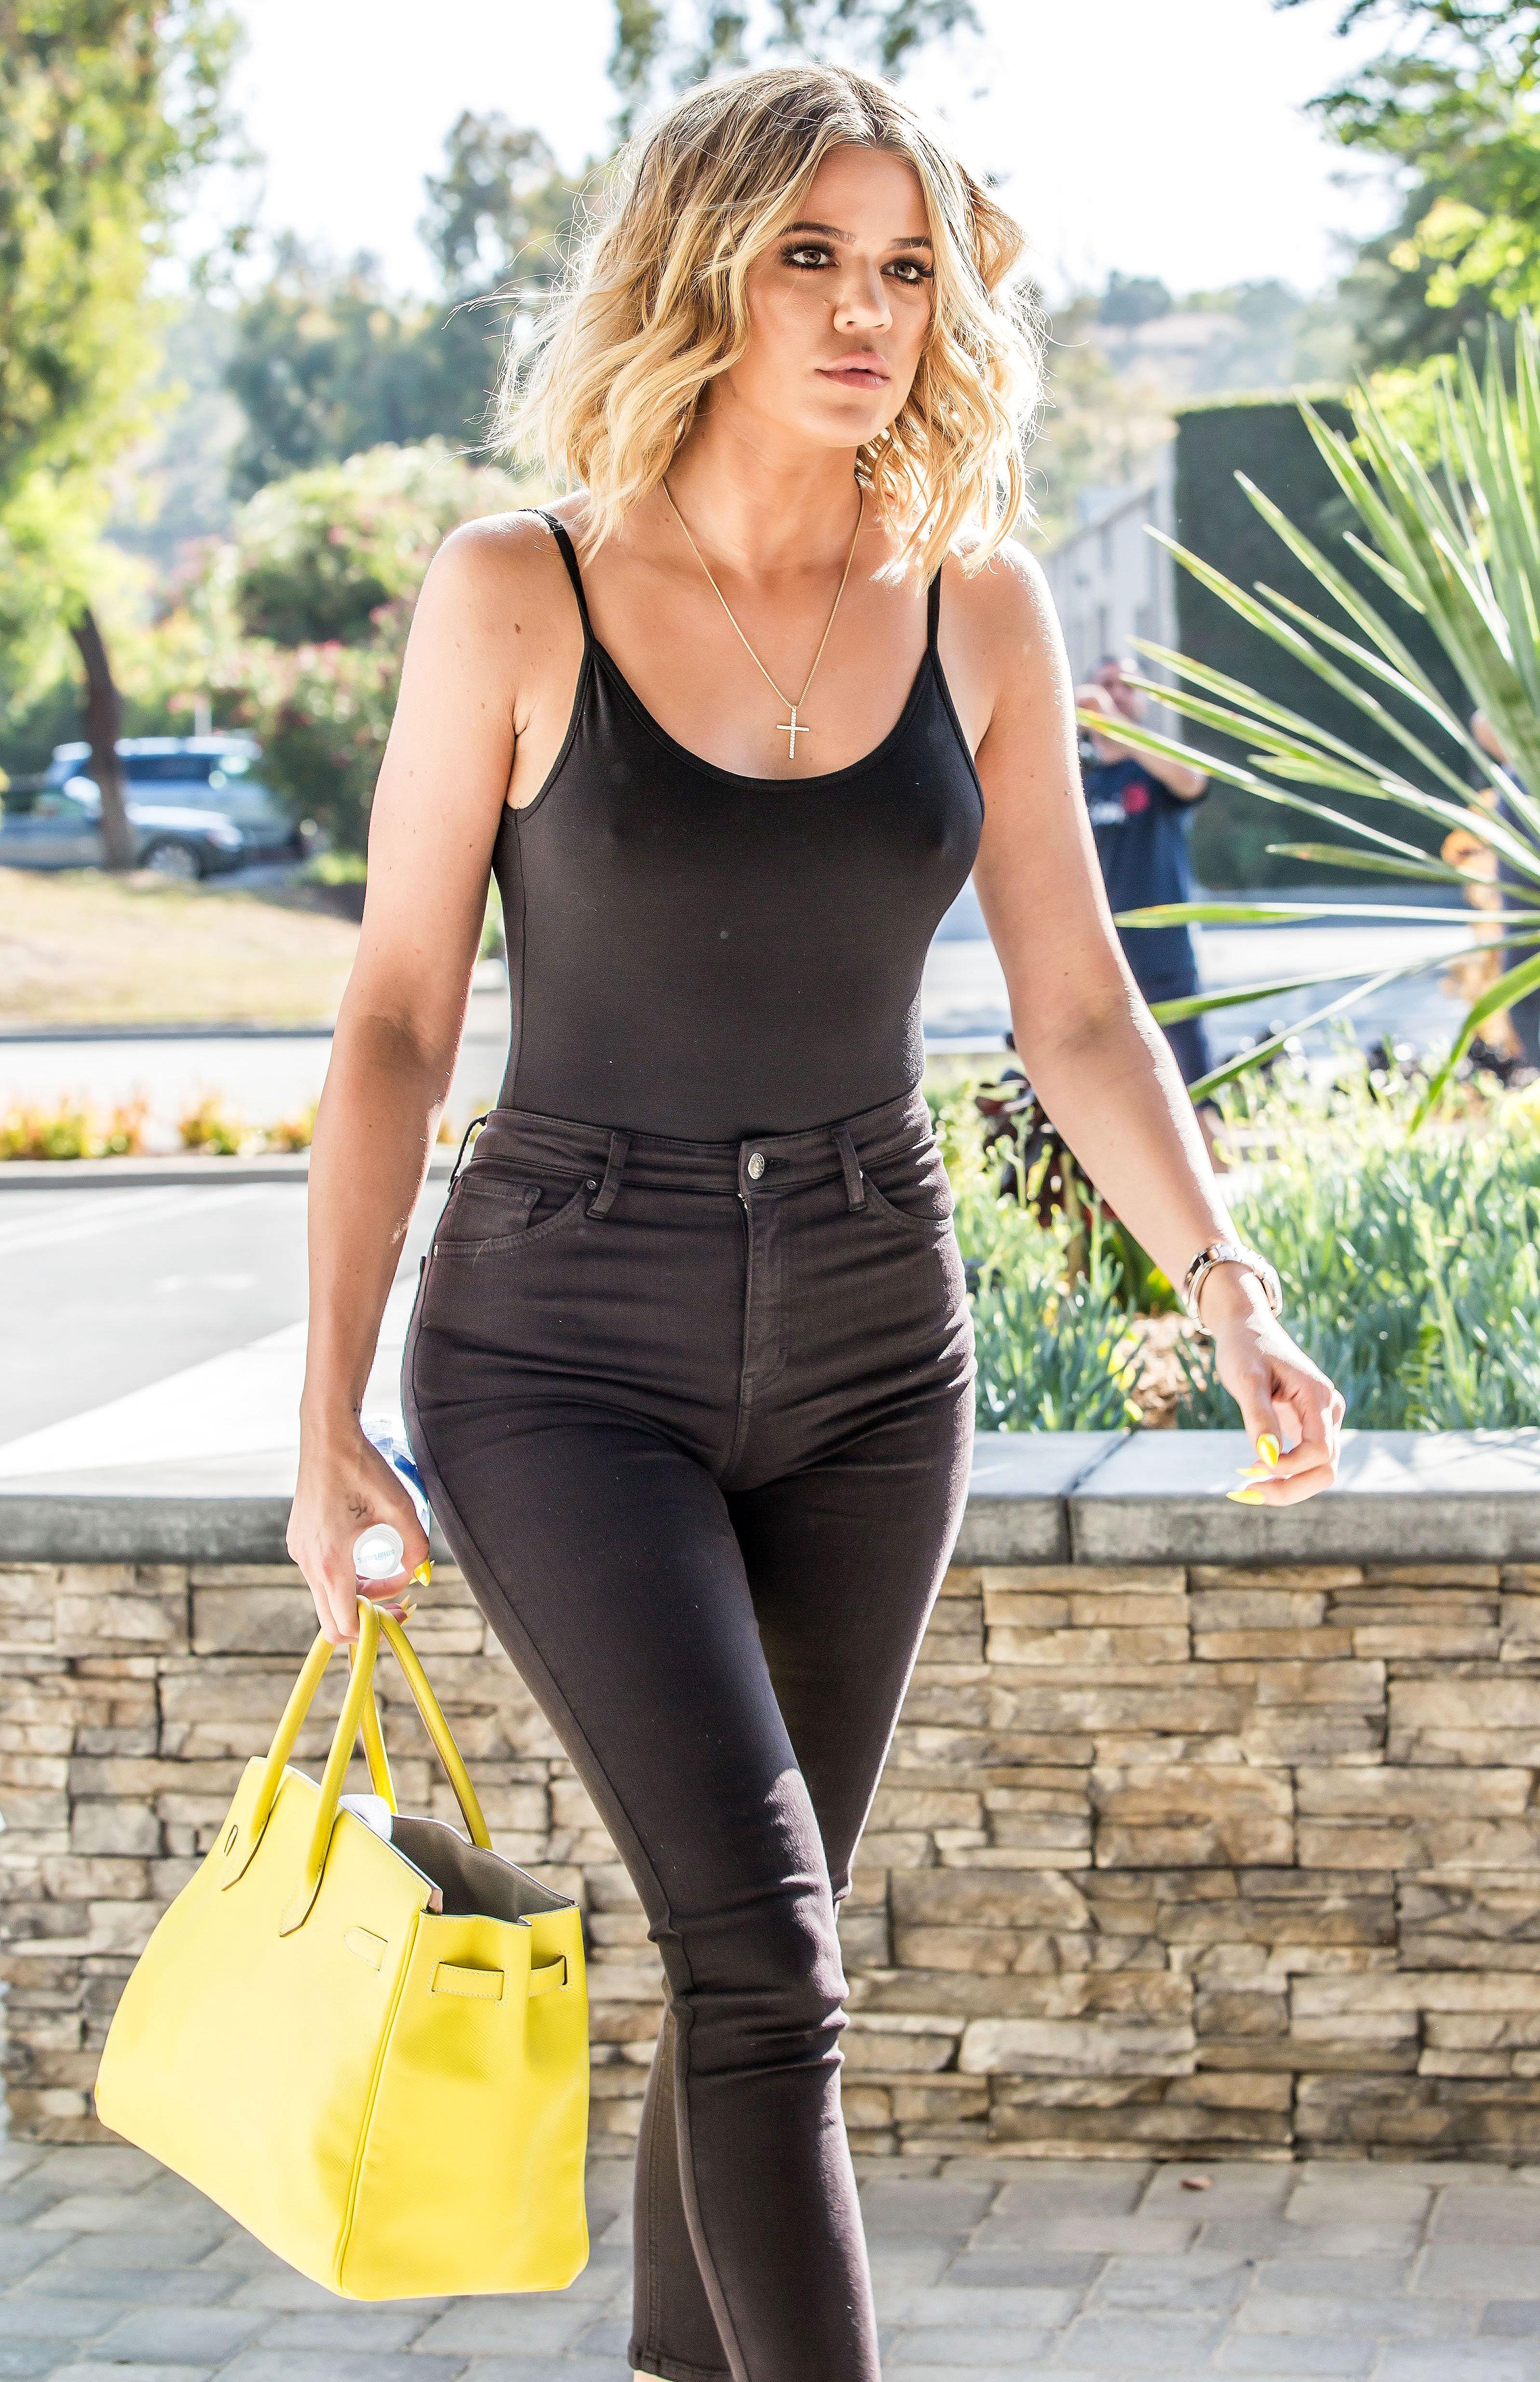 Khloe Kardashian Steps Out Amid Lamar Odom Drama In Jeans